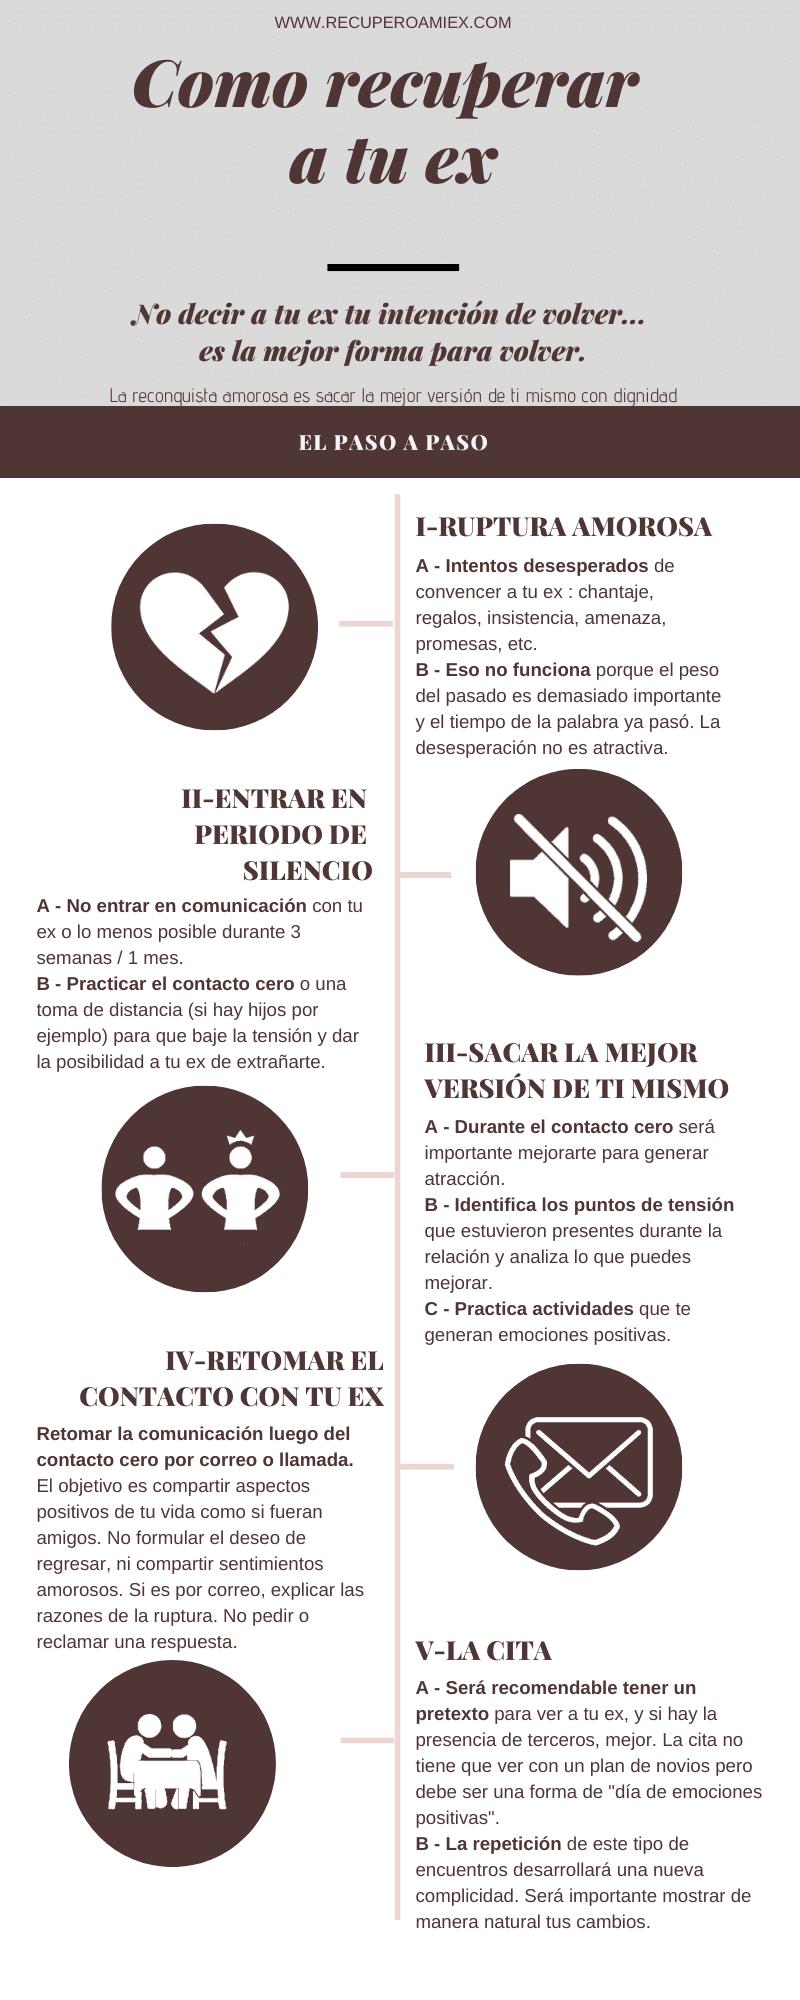 infografía cómo recuperar a mi ex